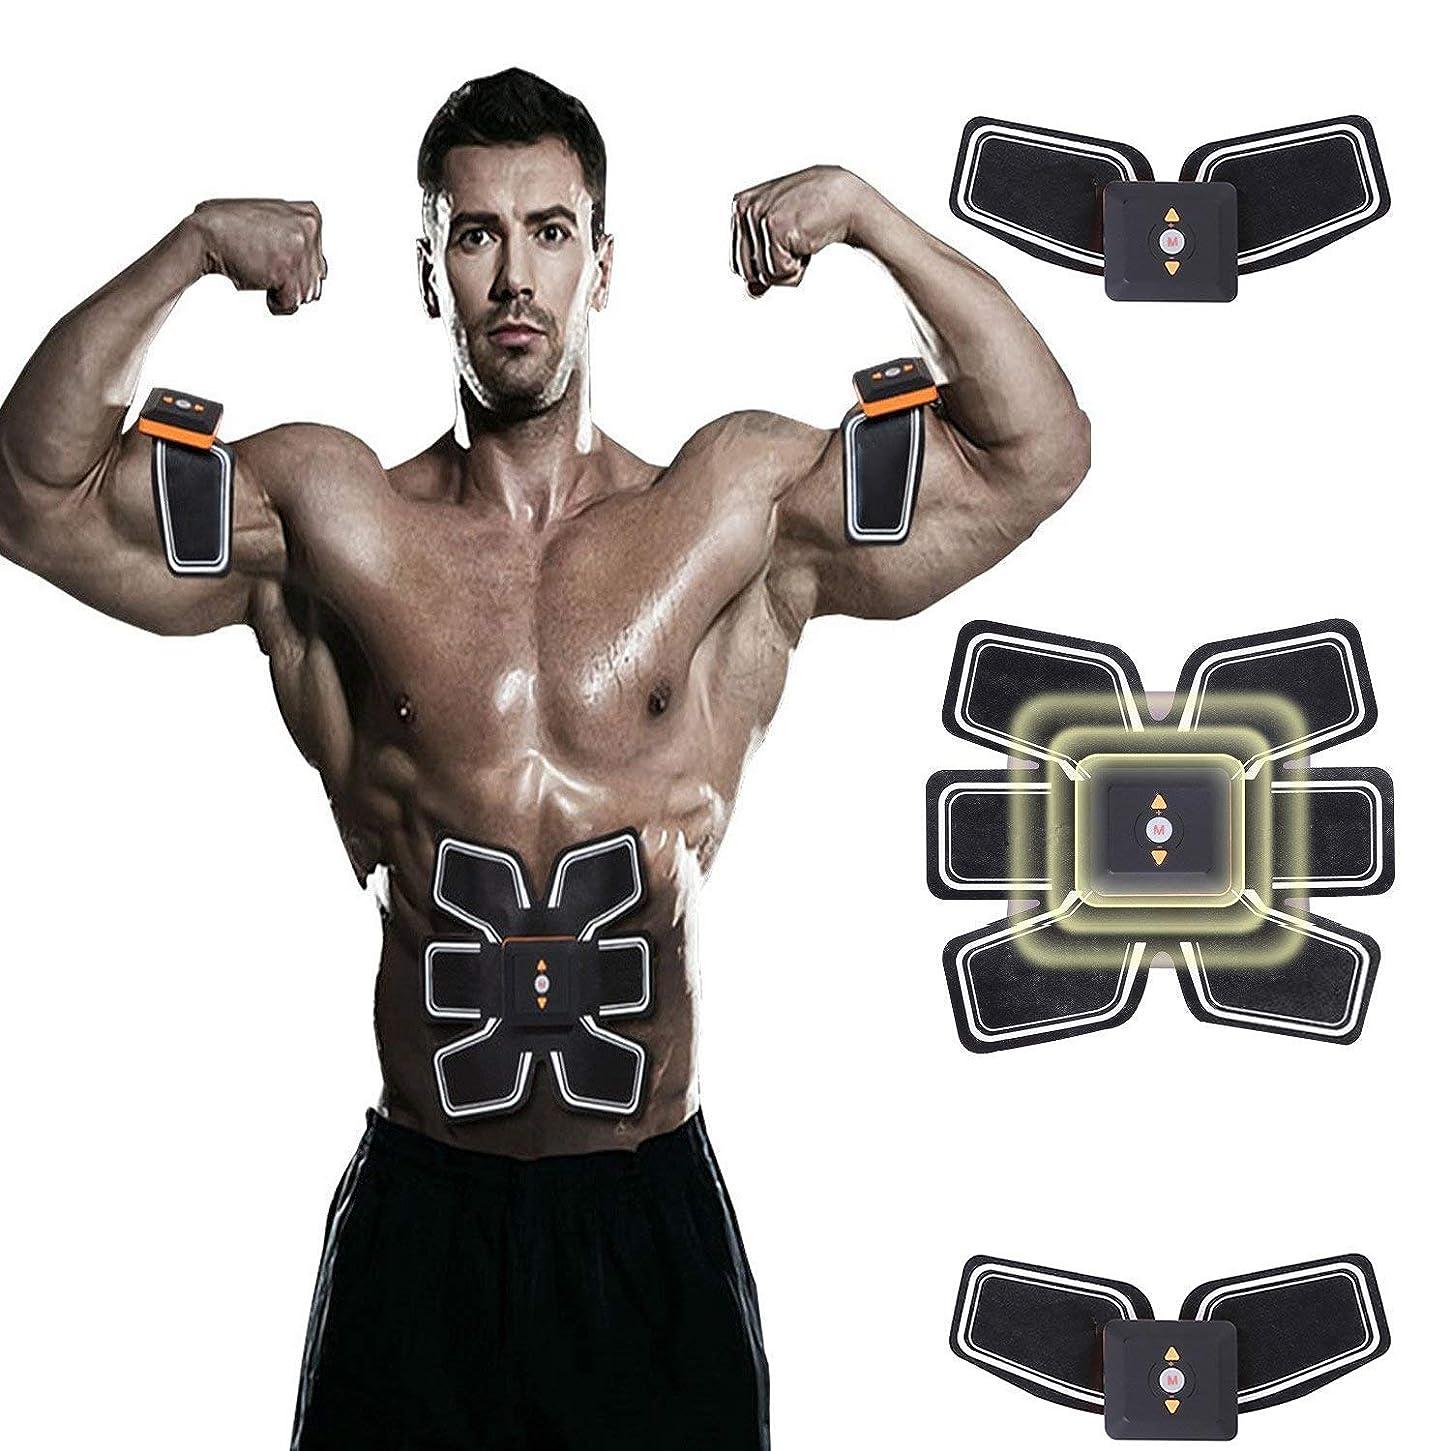 ピックアライアンス奇跡GWM トレーニングマッサージ筋肉トレーニングベルトトレーナーウエストトレーナーウエストトリミングベルトEMSトレーニング機器、スマートホームオフィスフィットネス機器ユニセックス(320 * 260 * 50mm)